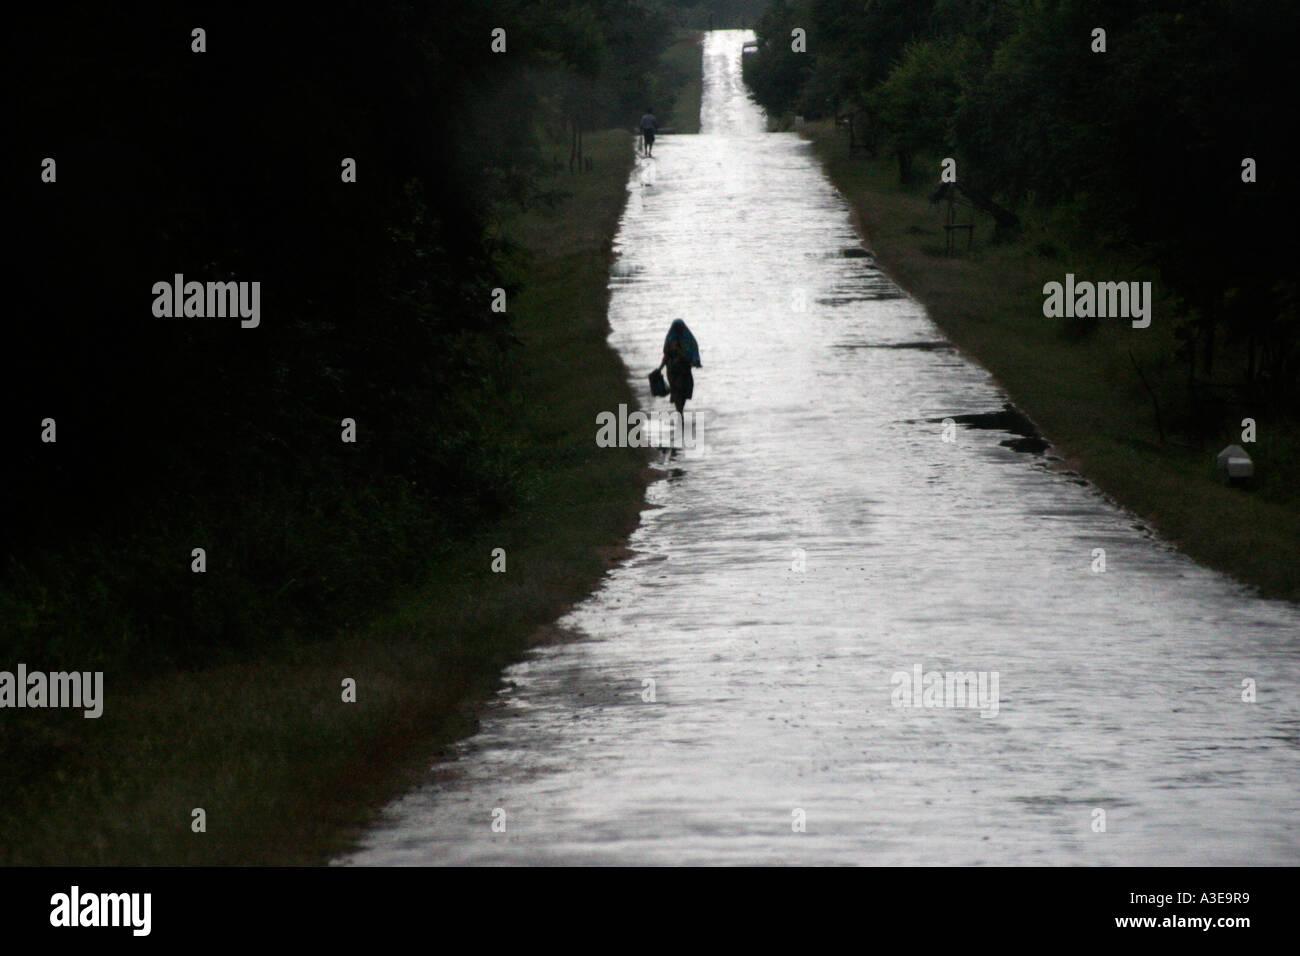 Sri Lanka, país de estiramiento de carretera a distancia después de la lluvia, la mujer caminando siluetas contra superficie húmeda Foto de stock